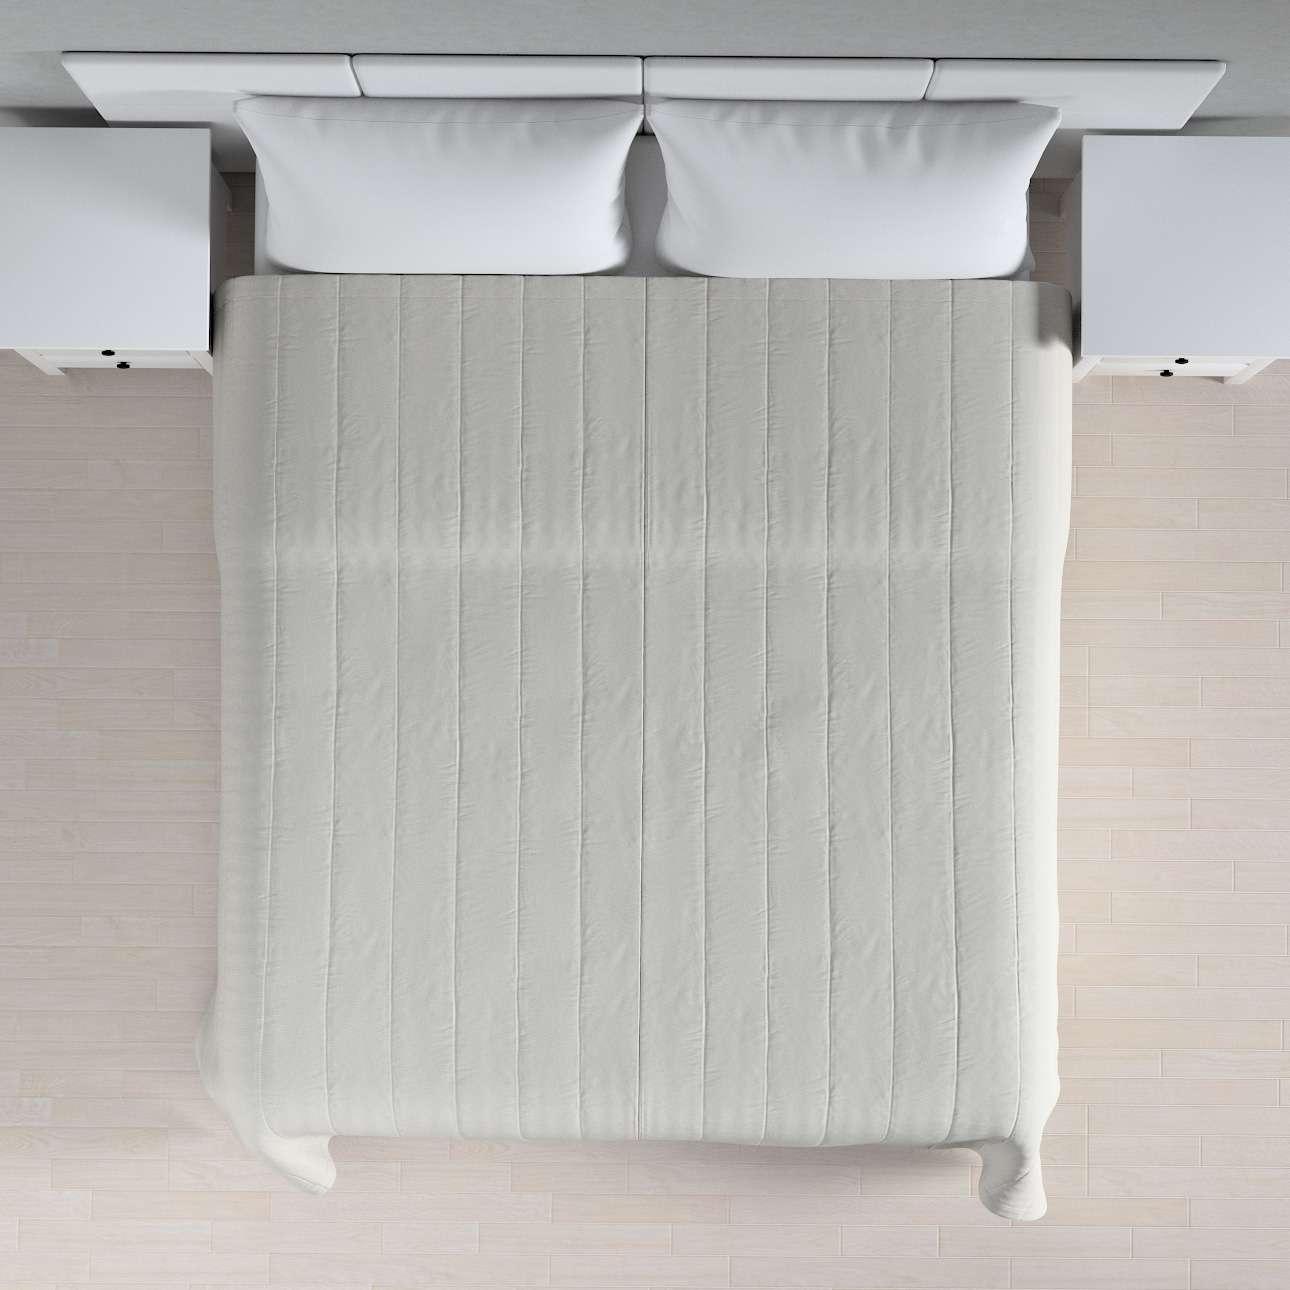 Einfacher Überwurf 260 x 210 cm von der Kollektion Etna, Stoff: 705-90